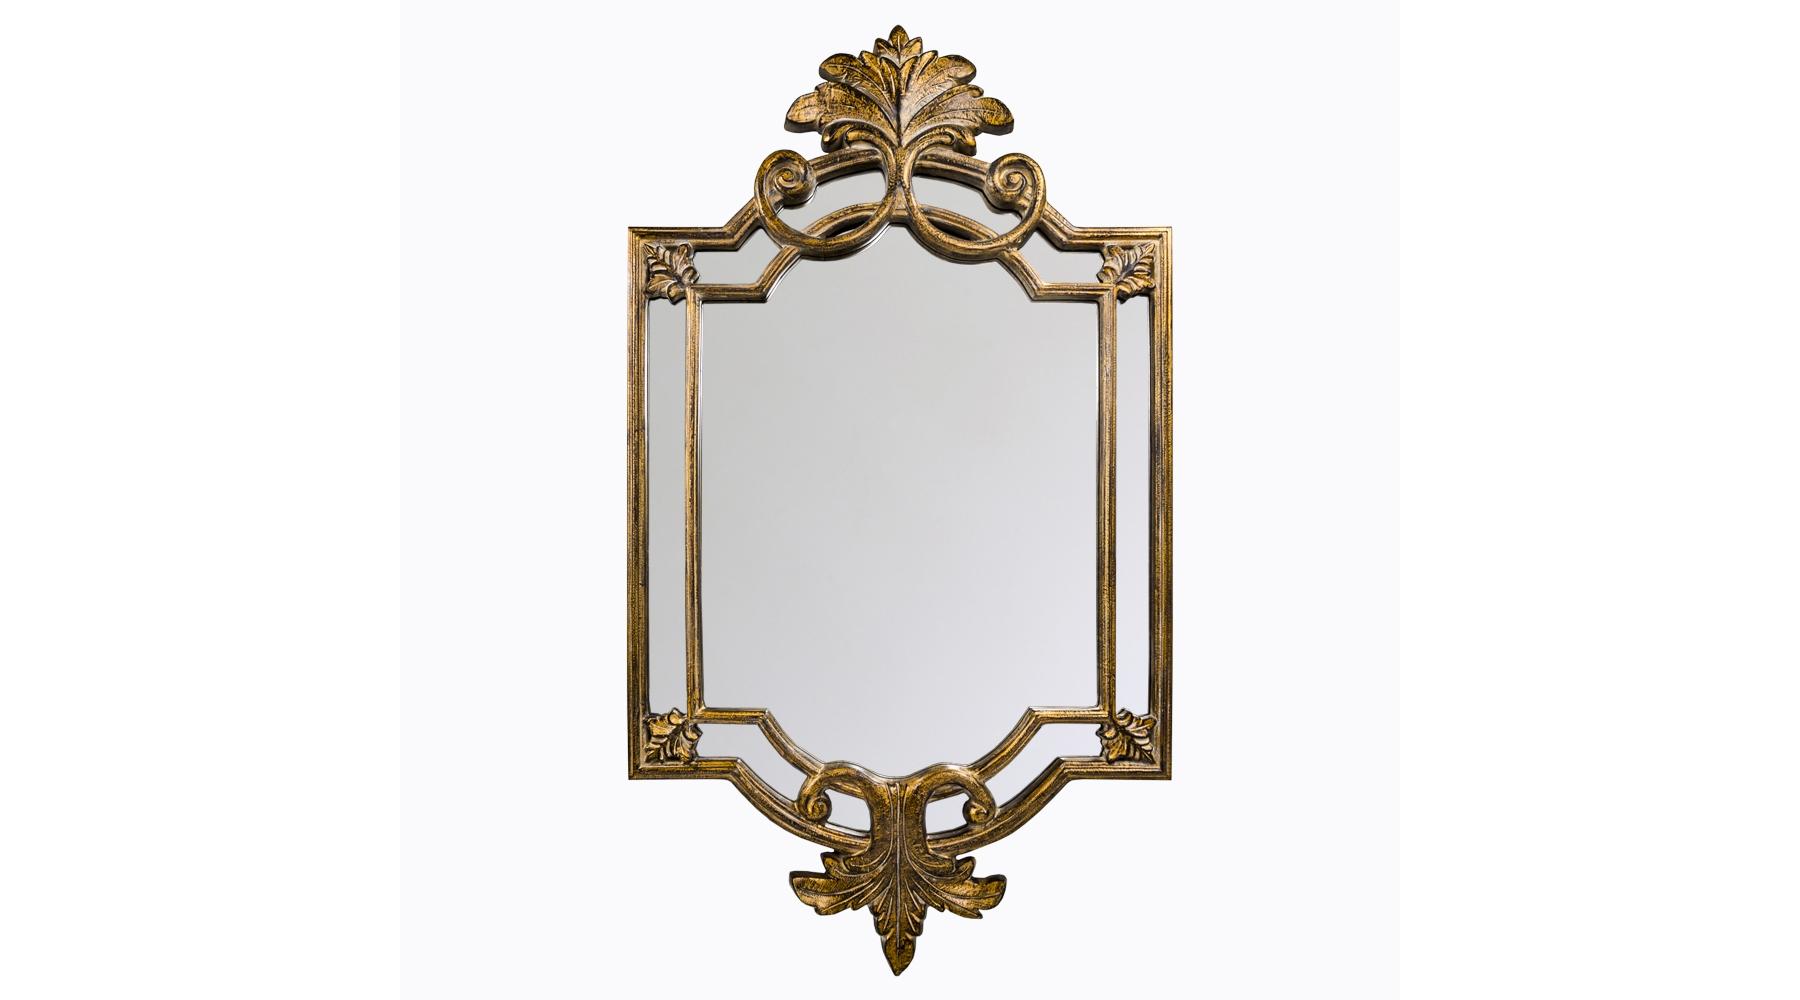 Настенное зеркало «Ноэль»Настенные зеркала<br>Это зеркало с двойной резной рамой напоминает витражи старинных дворцов и соборов. Обрамление изготовлено из практичного и очень прочного полиуретана, который не боится влаги, на его поверхности не образуются трещины и сколы. Сложное окрашивание в золотой оттенок с характерным потемнением – «печатью времени» – &amp;amp;nbsp;усиливает винтажный эффект. Зеркальная поверхность толщиной 5 мм, покрытая серебряной амальгамой, идеально точно передает отражения, не искажая их. Вес изделия составляет 11,5 кг.<br><br>Material: Полиуретан<br>Width см: 86,5<br>Depth см: 4,5<br>Height см: 149,5